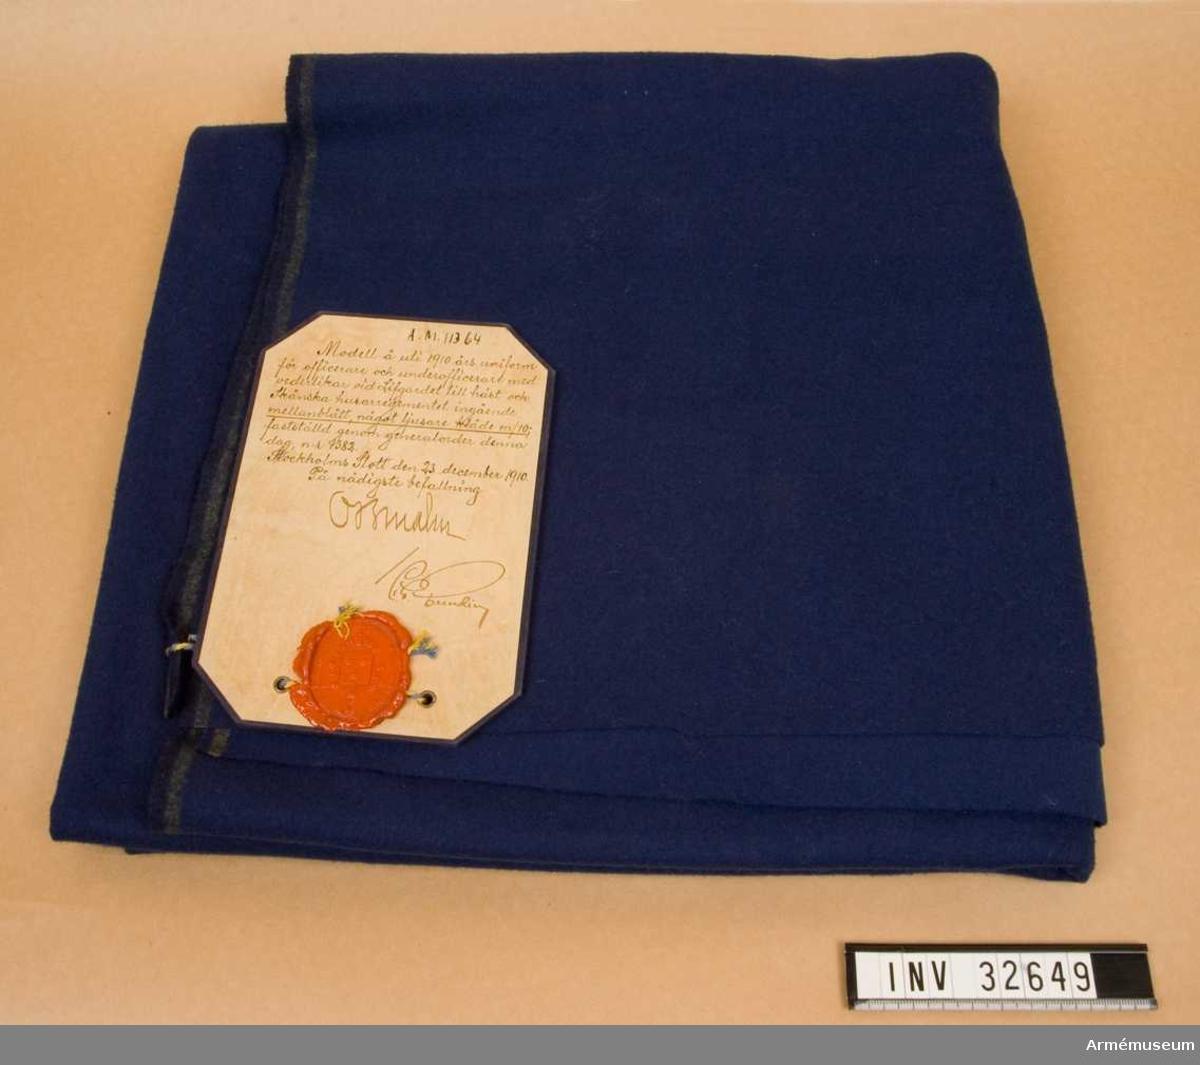 Grupp C I För mellanblått något ljusare kläde. Ingående i 1910 års uniform för officerare och underofficerare med vederlikar vid Livgardet till häst och Skånska husarregementet. Fastställt enligt generalorder 1383 den 23 december 1910.